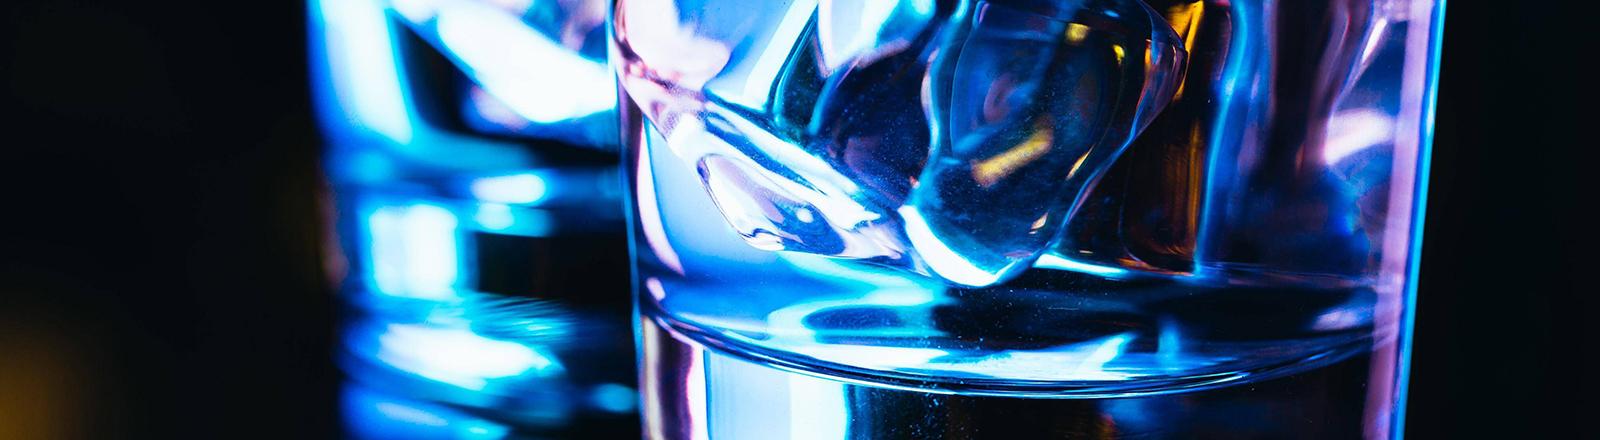 Zwei Gläser gefüllt mit Vodka.